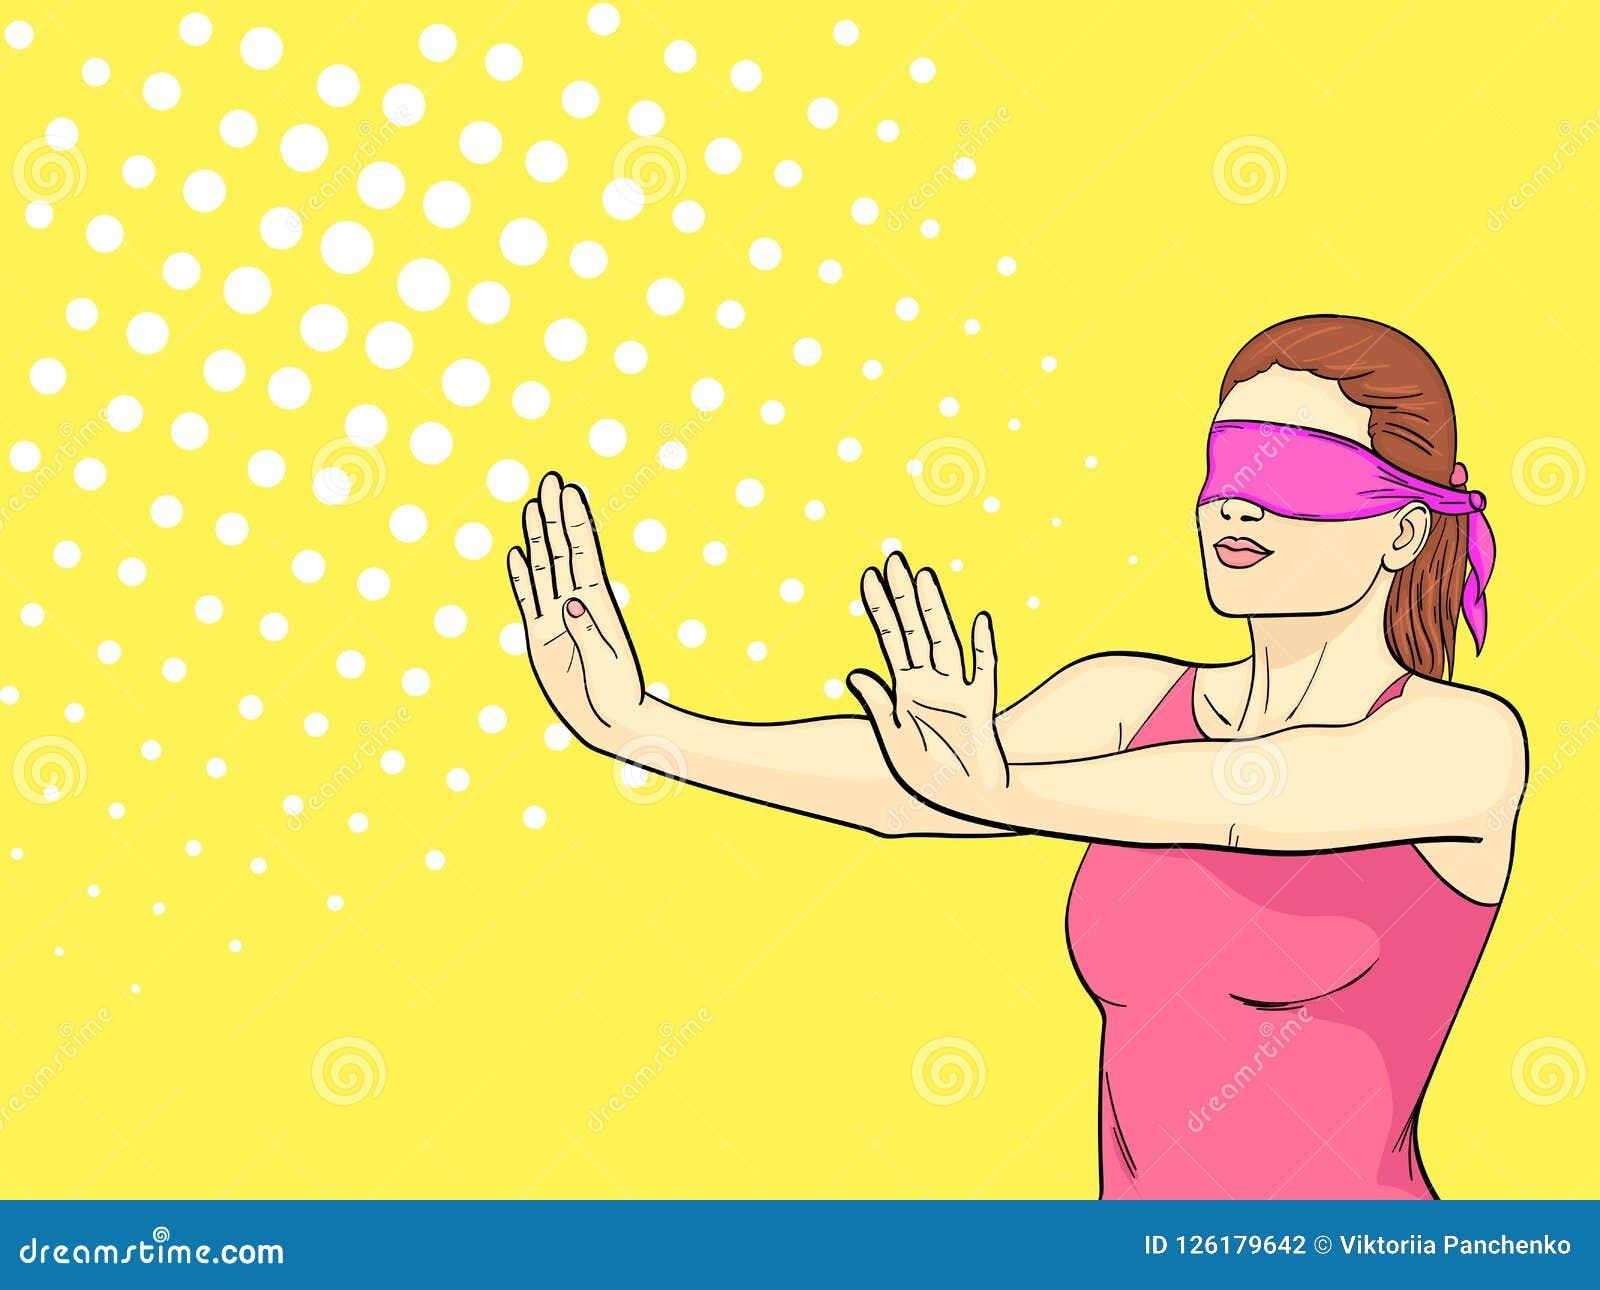 Pop-Arten-Hintergrund ist orange Ein Retro- junges Mädchen spielt Verstecken, ihre Augen werden gebunden, die ausgestreckten Arme